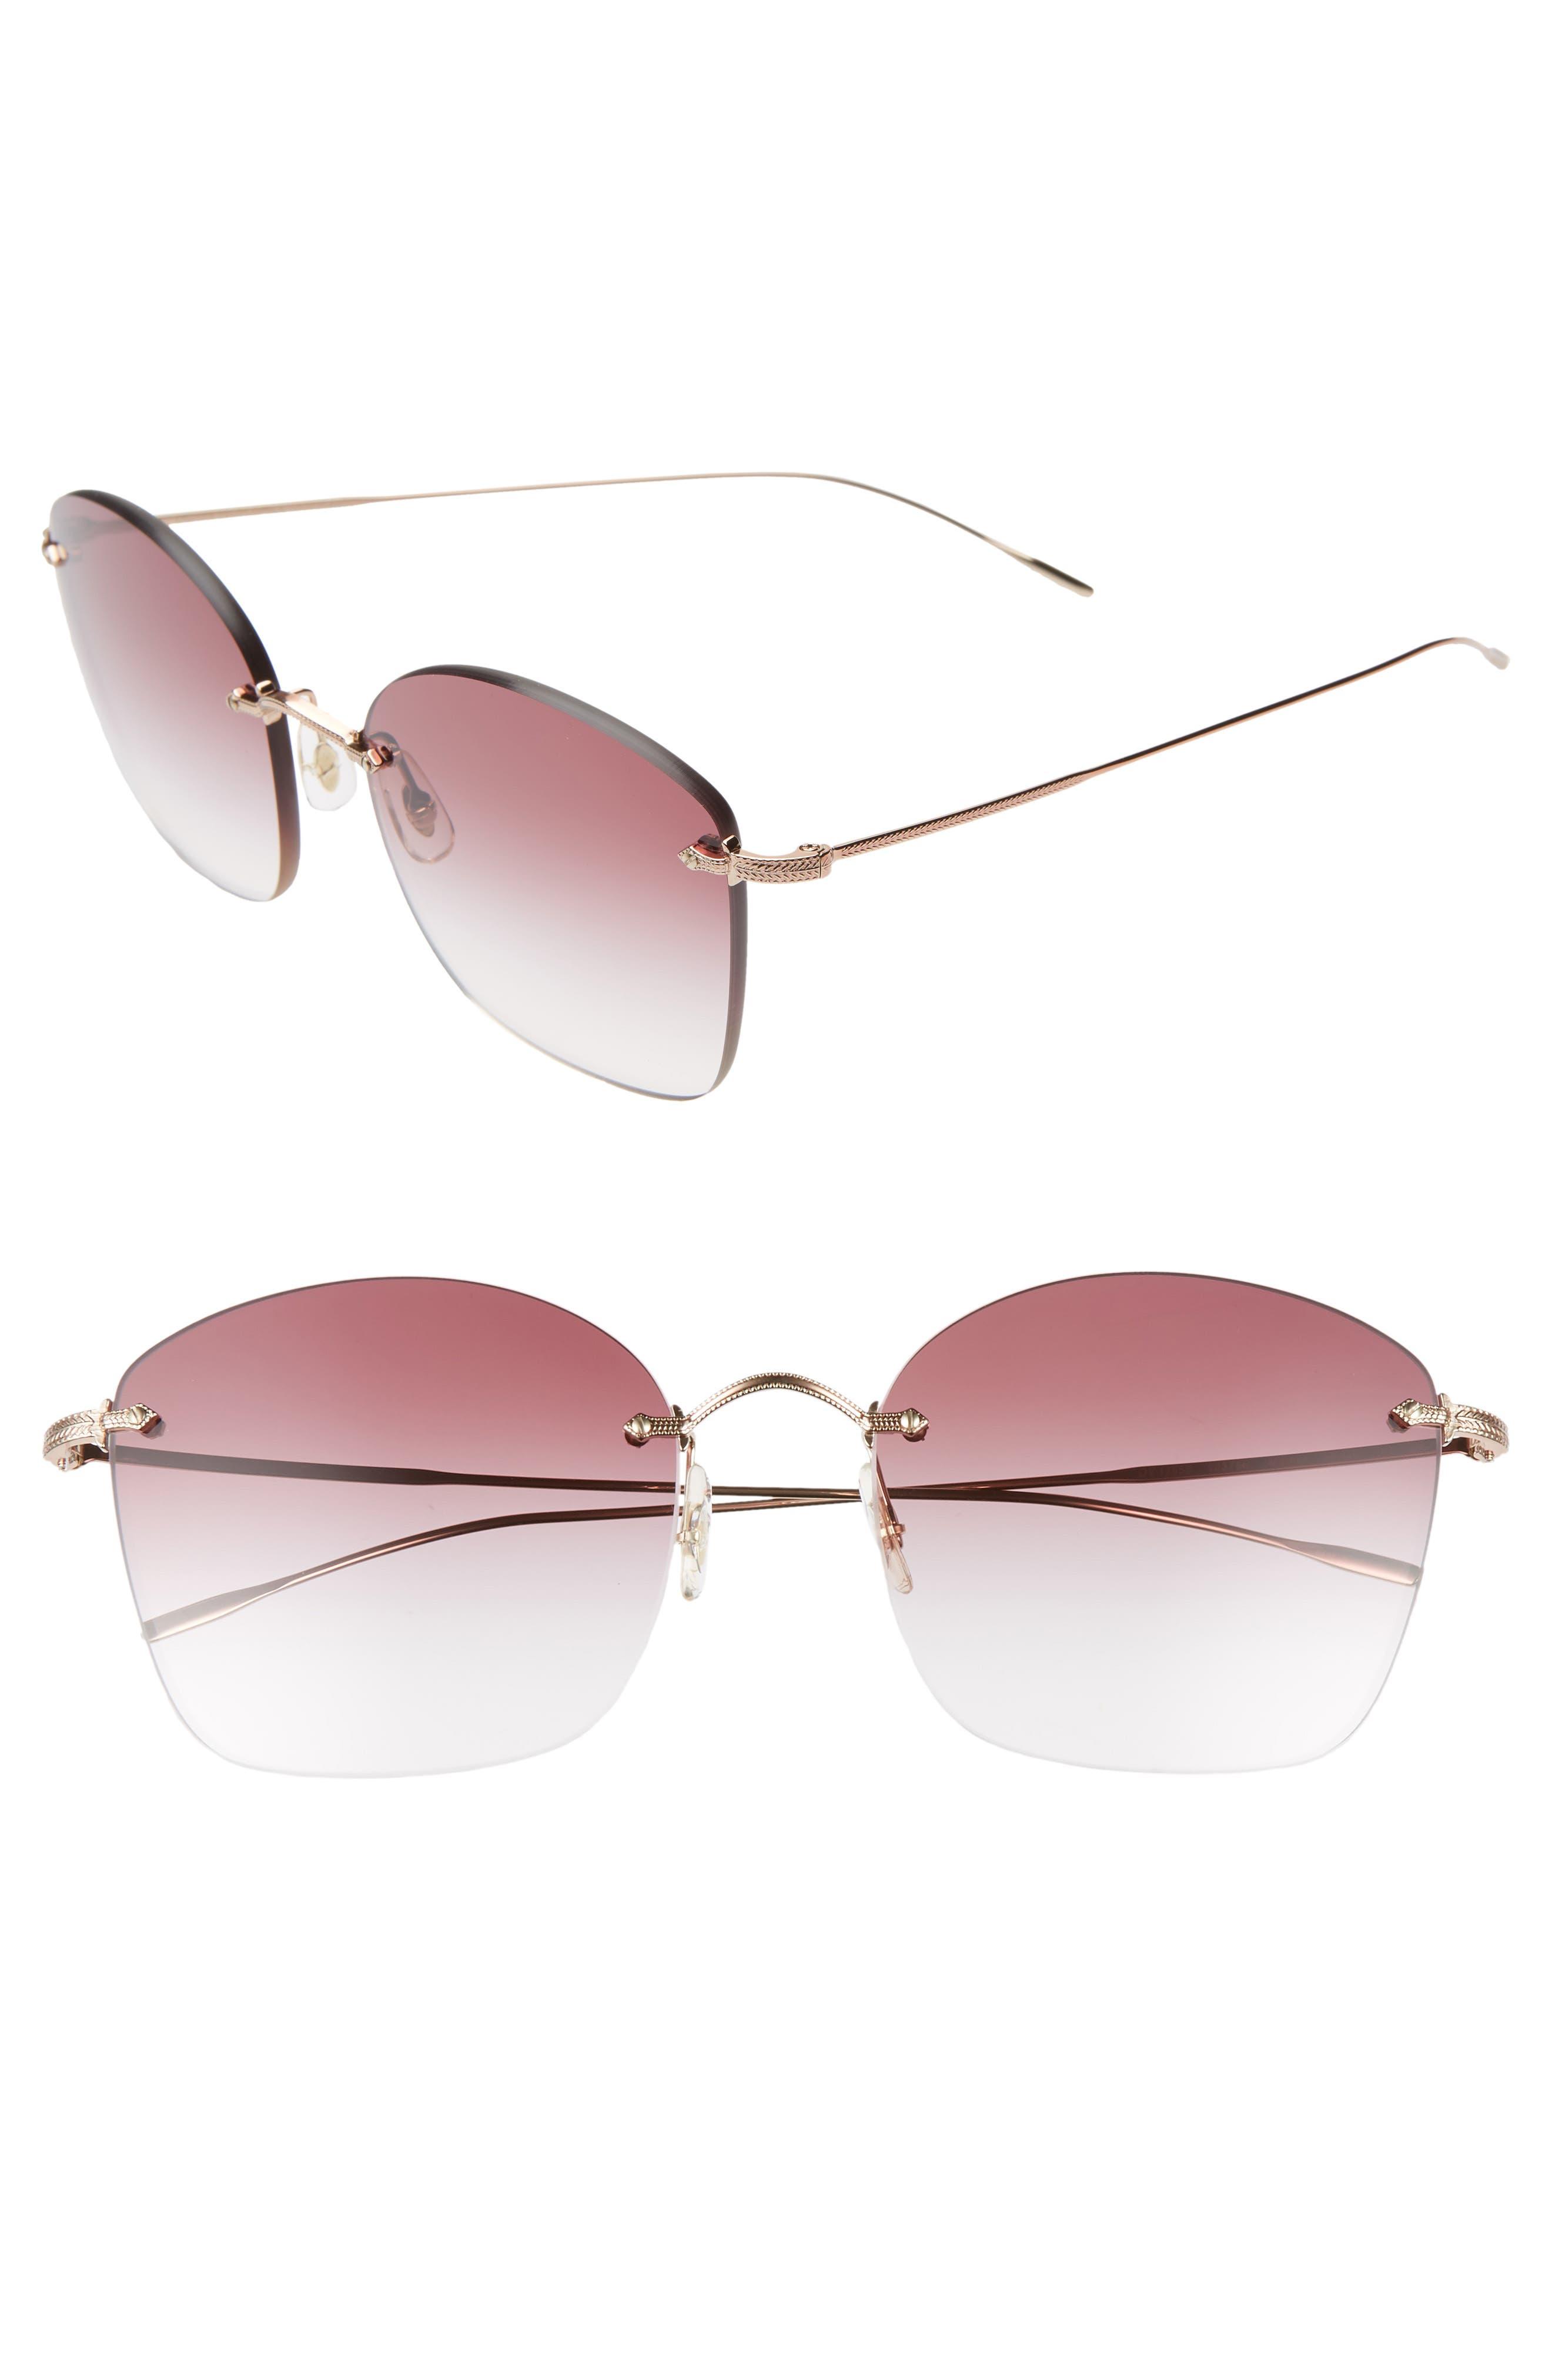 Oliver Peoples Sunglasses MARLIEN 58MM SUNGLASSES - ROSE GOLD/ CLEAR DARK VIOLET